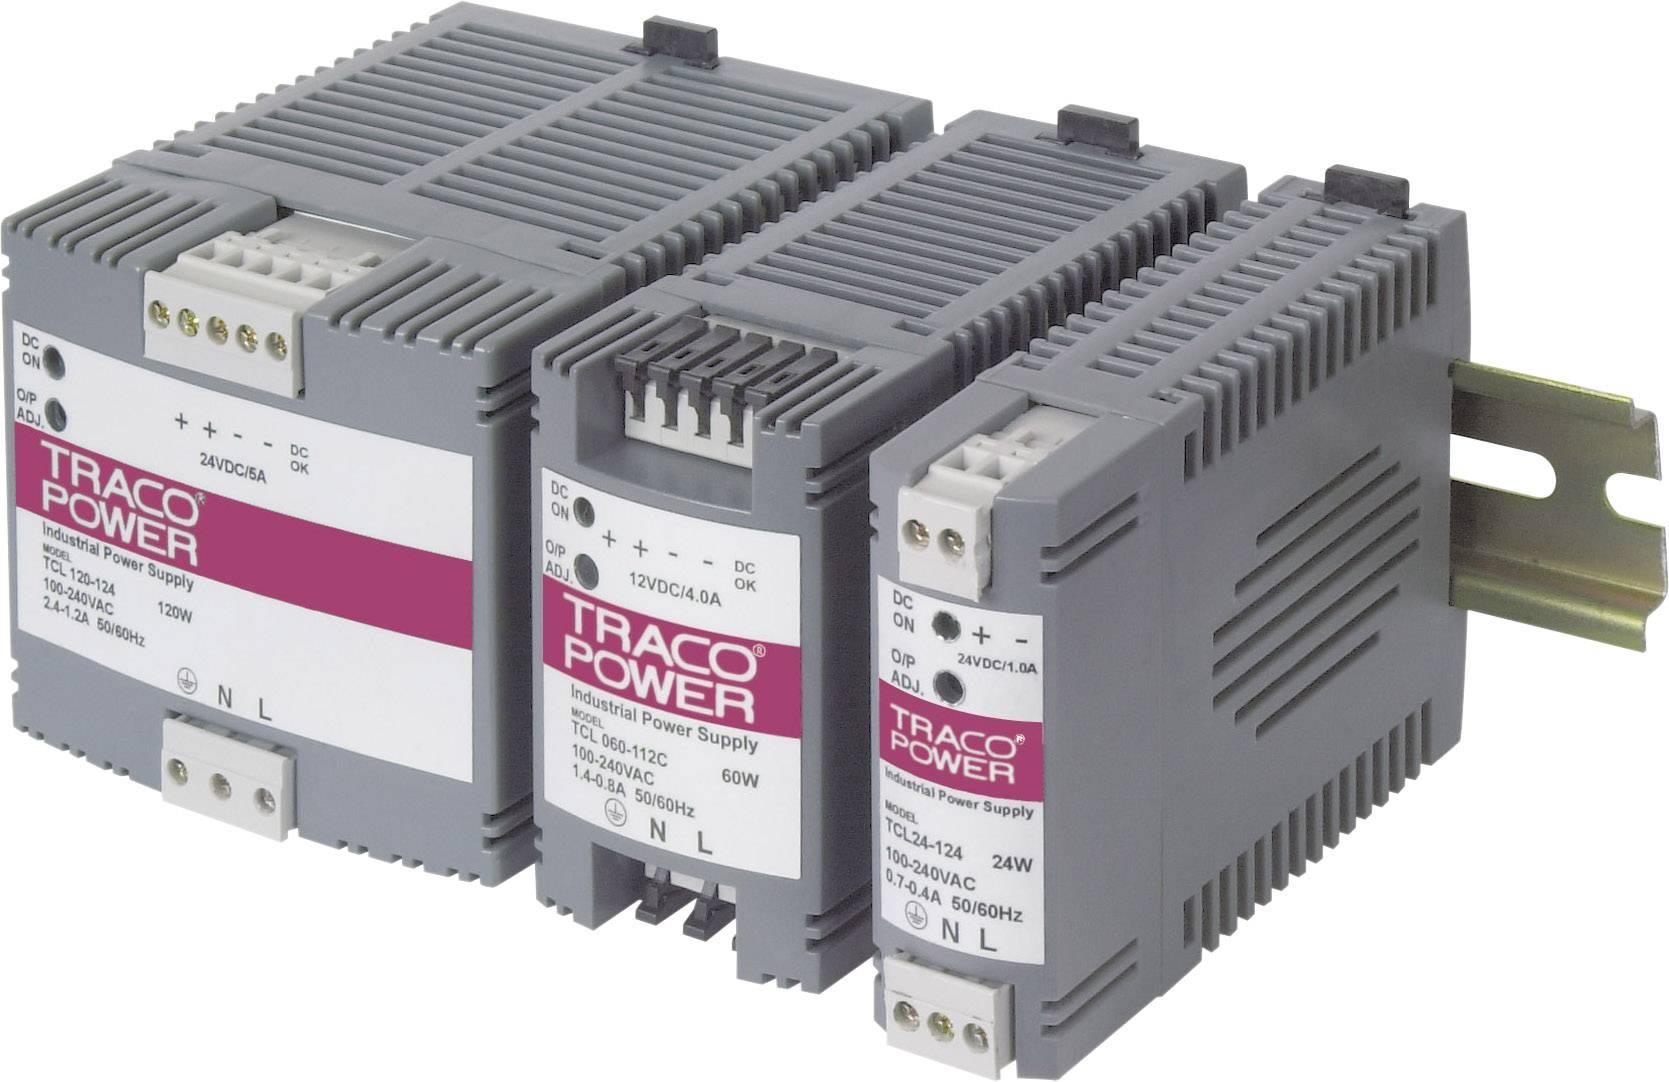 Sieťový zdroj na montážnu lištu (DIN lištu) TracoPower TCL 060-124C, 1 x, 24 V/DC, 2.5 A, 60 W